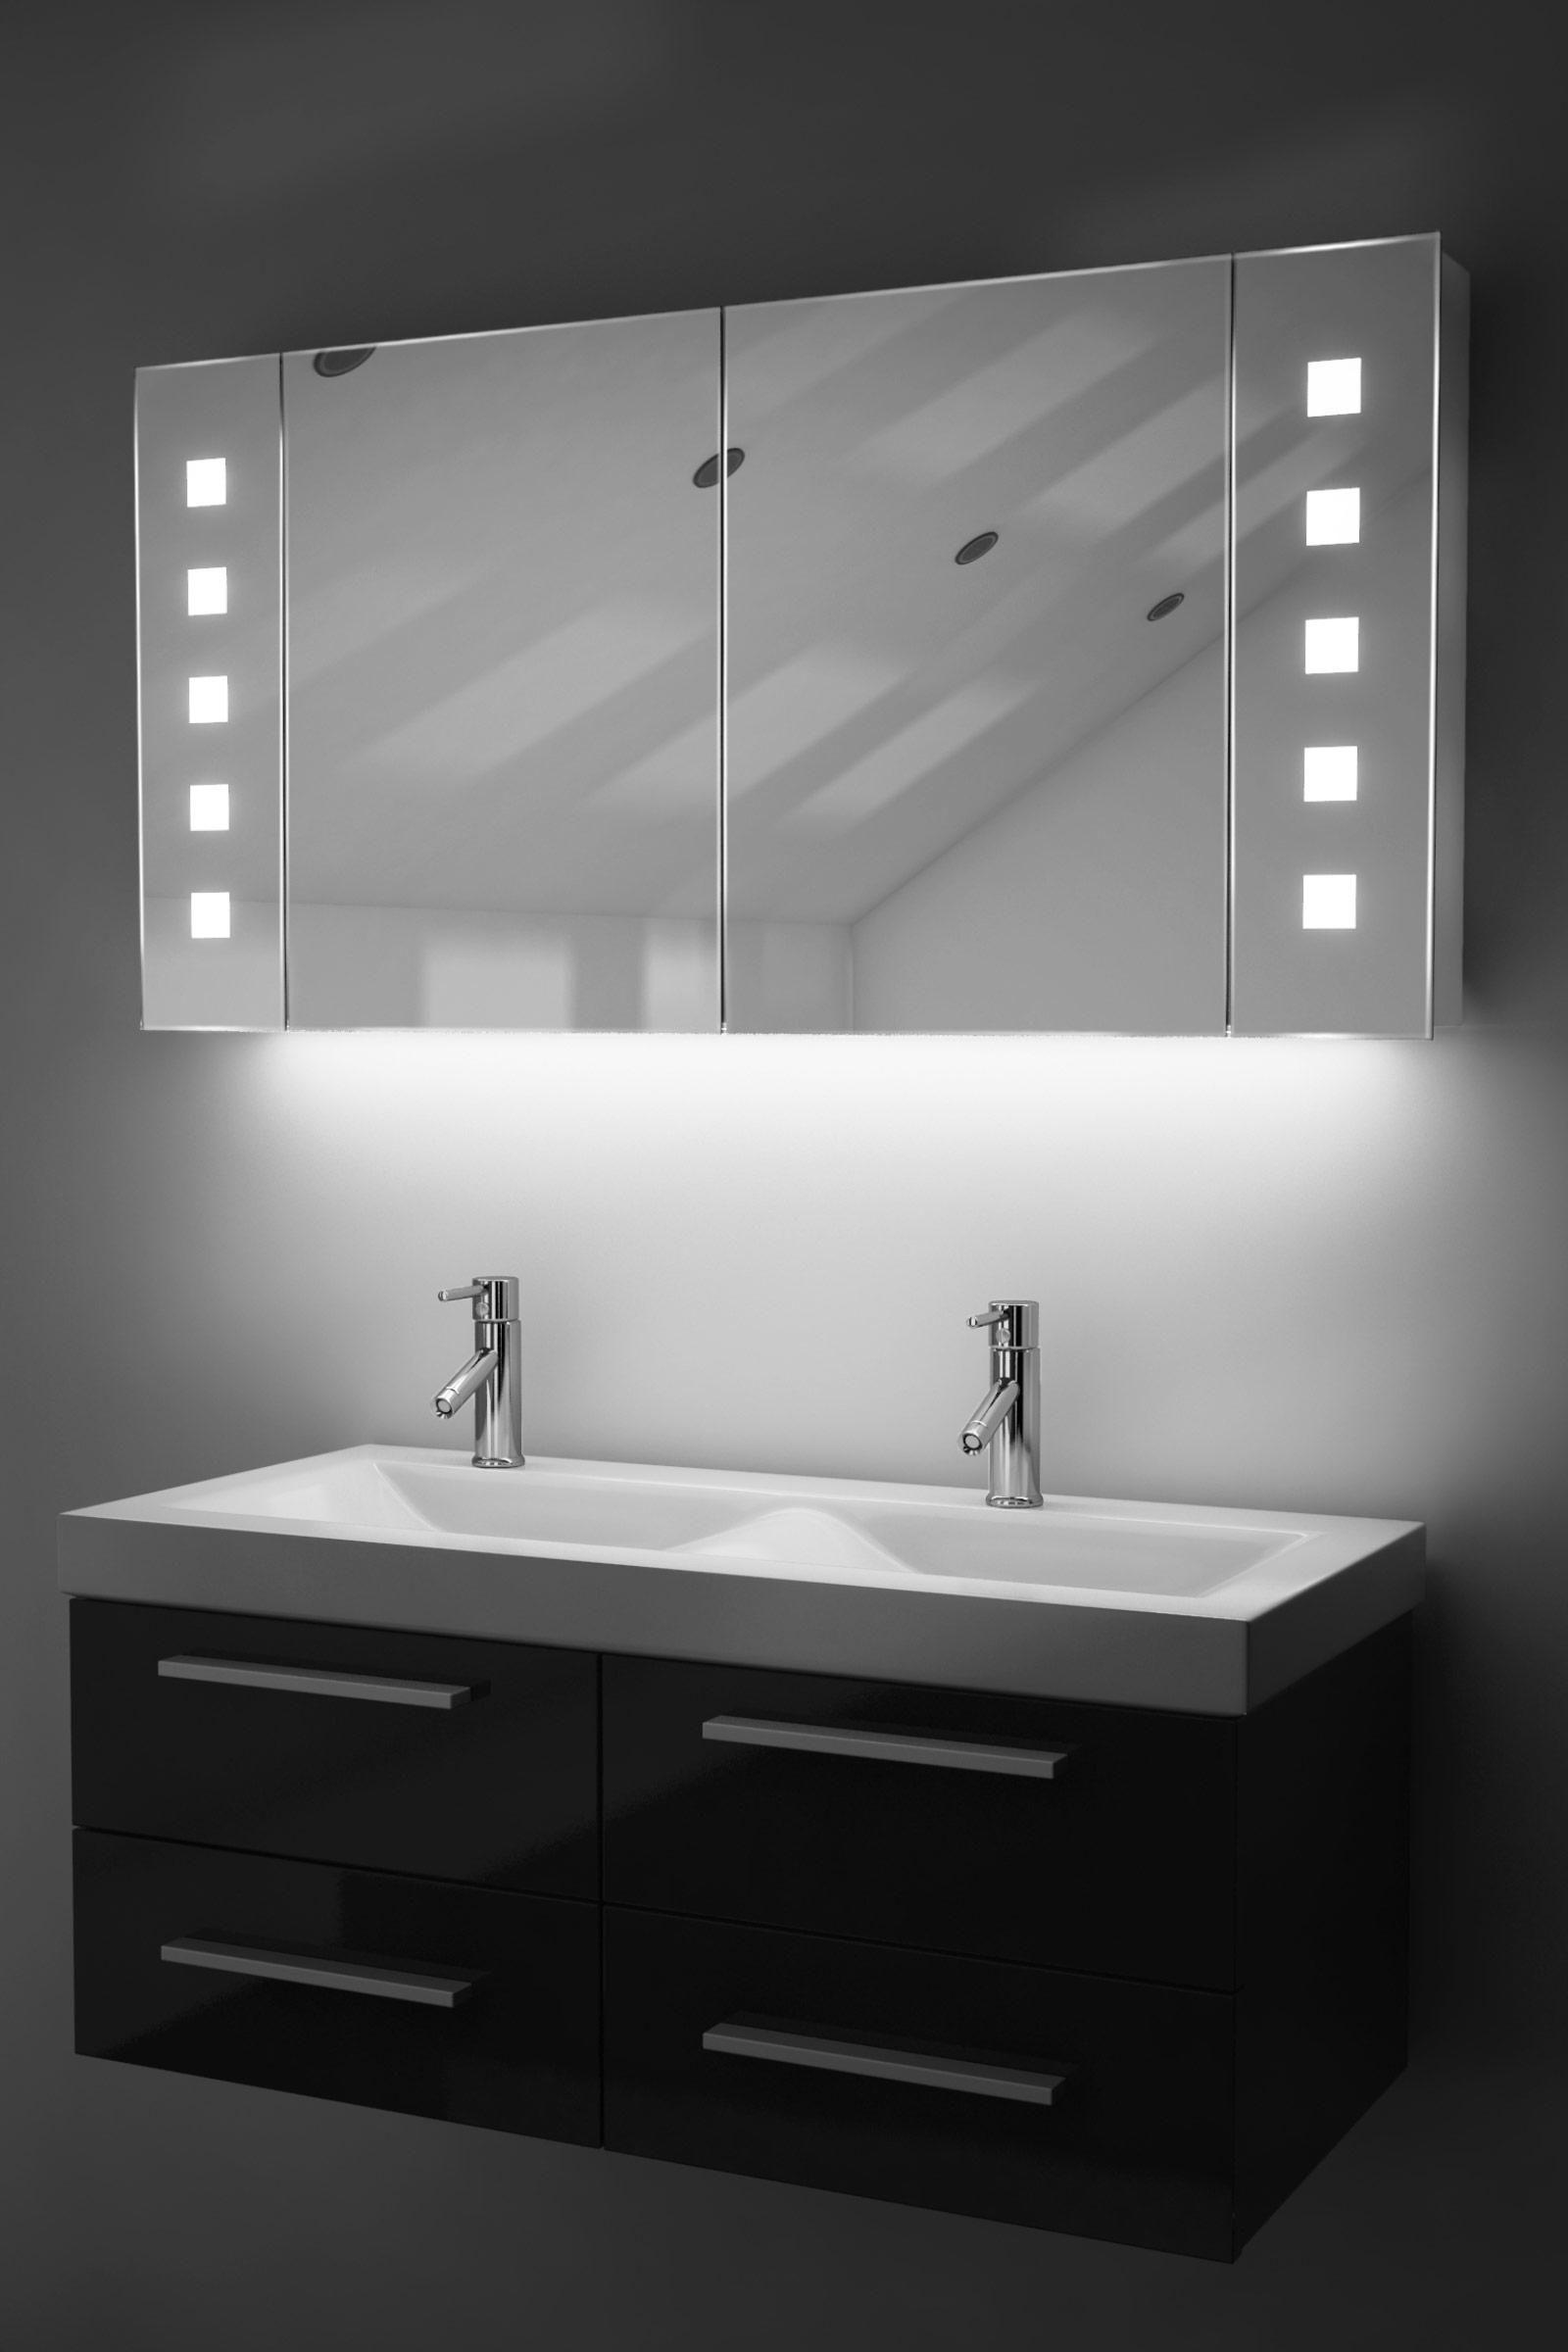 Armadietto bagno ambient con specchio sensore e presa per rasoio interna k123w ebay - Armadietto bagno con specchio ...